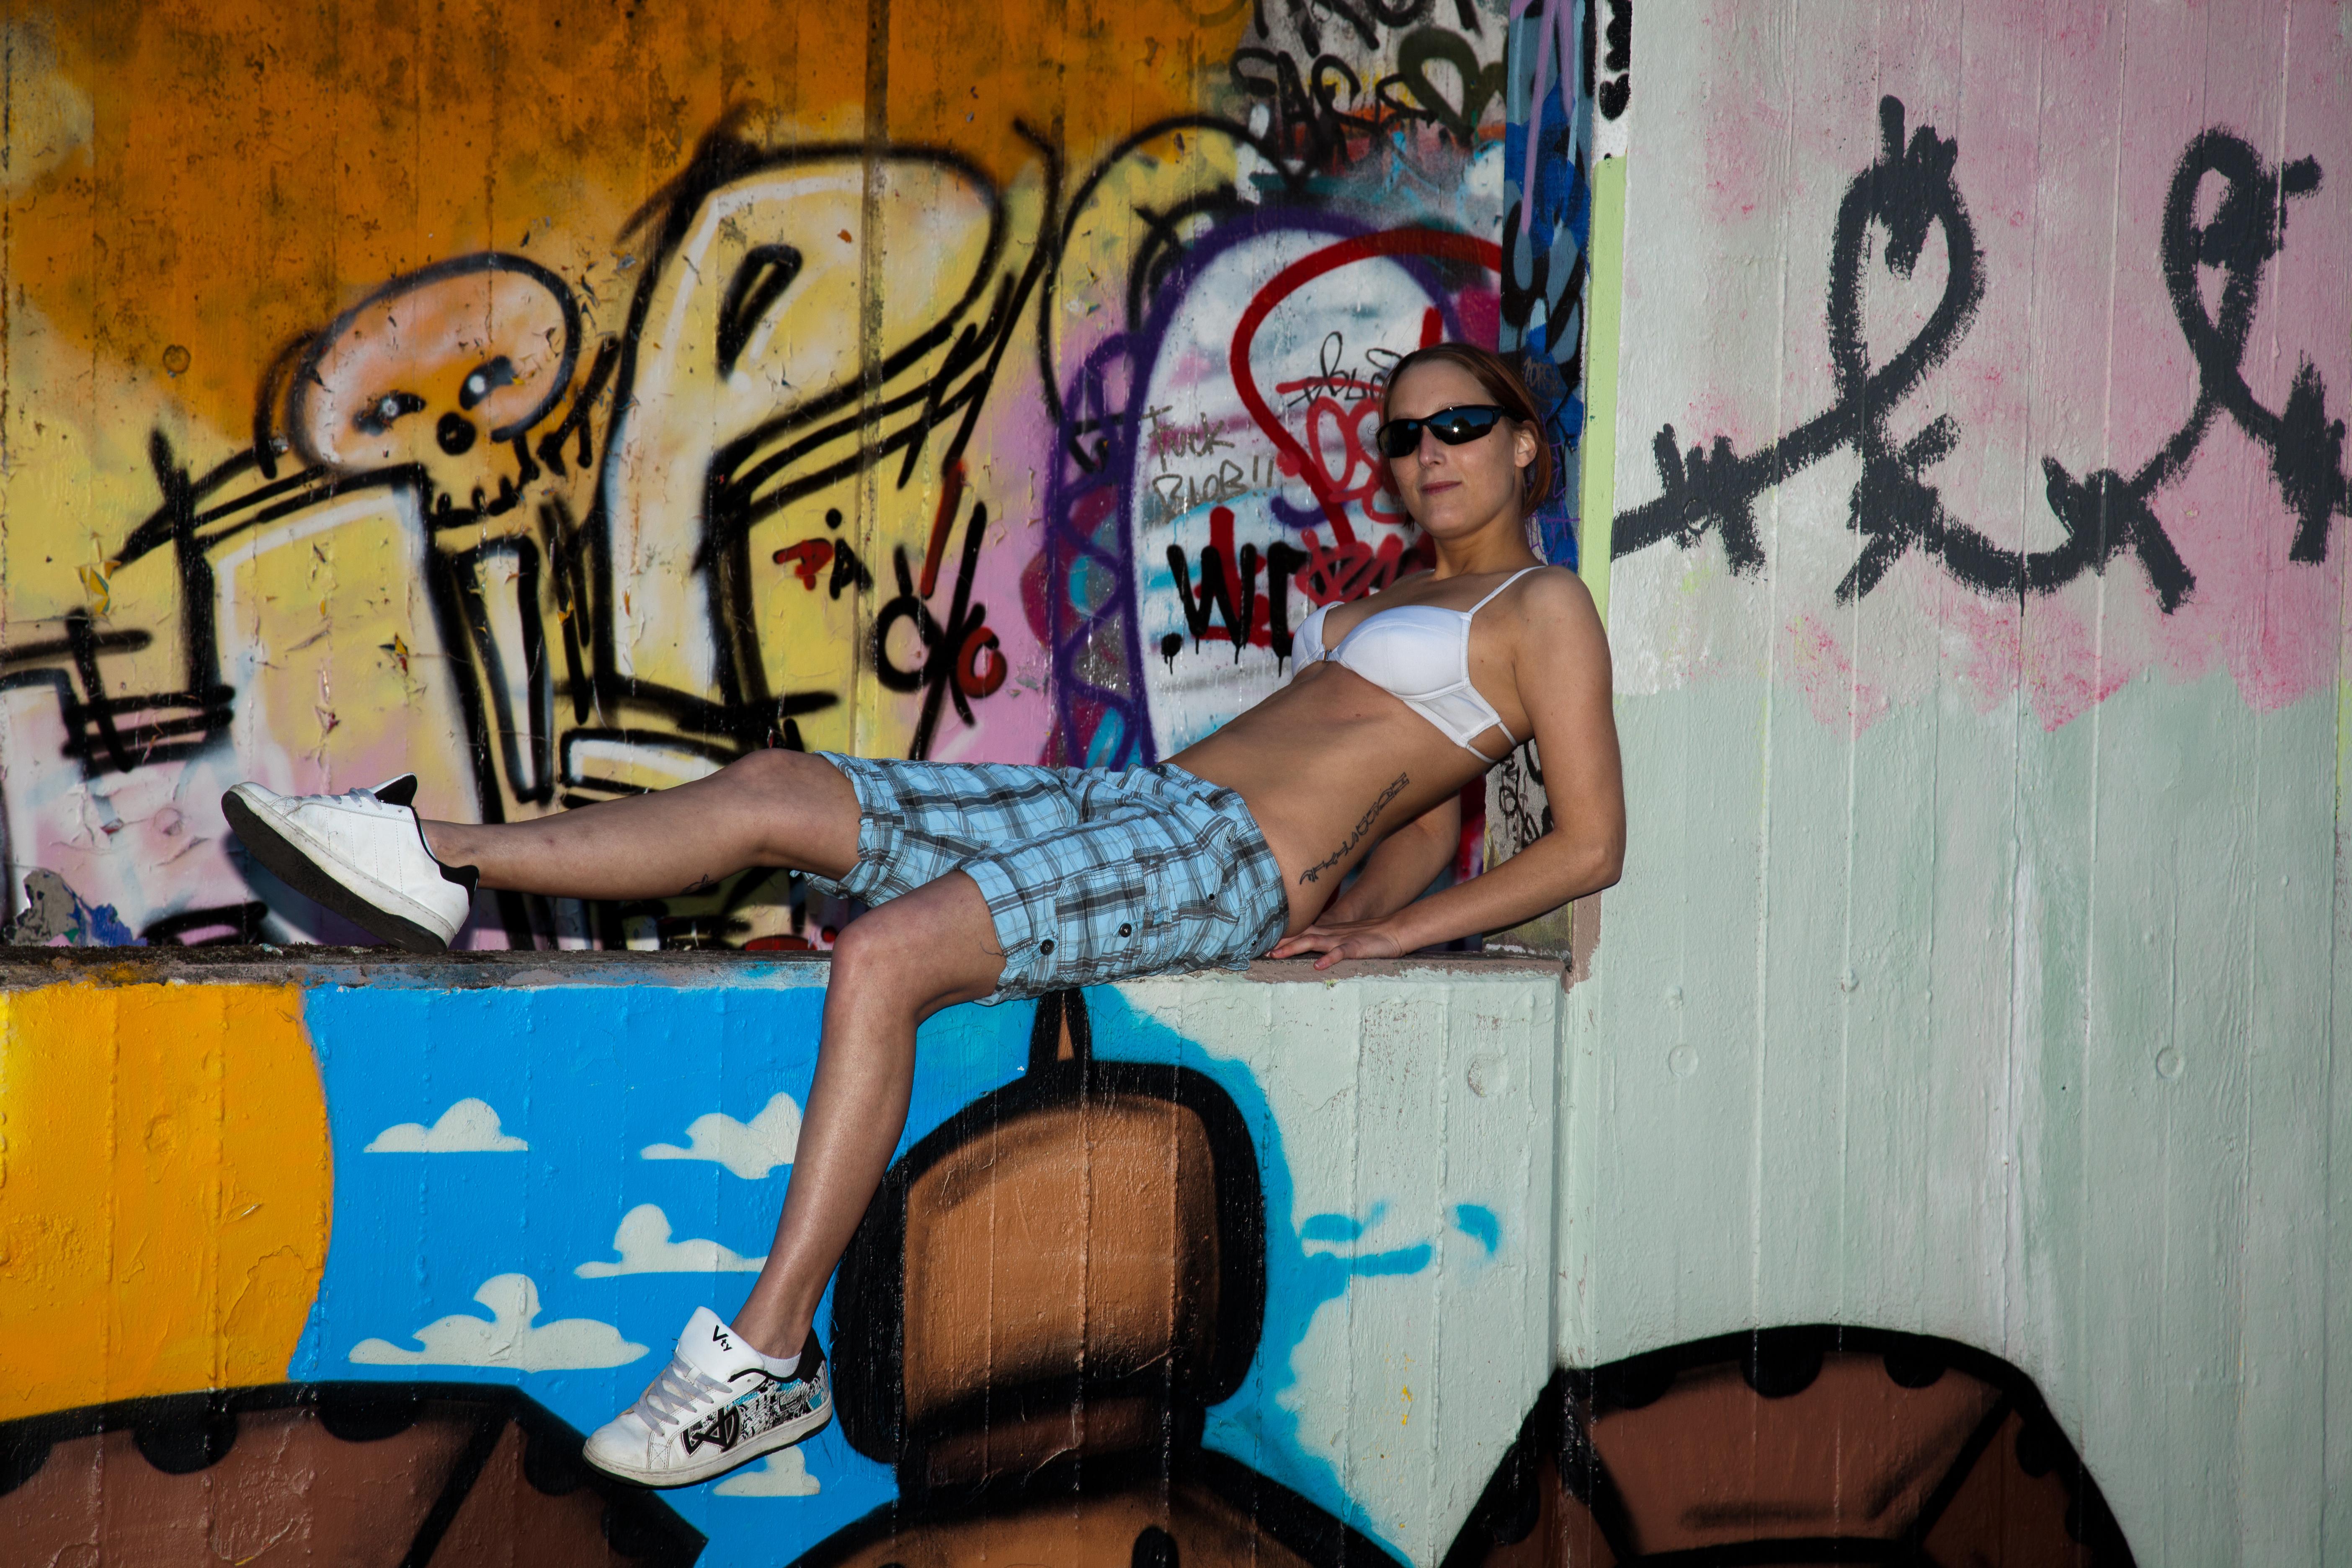 Chrisser relaxed